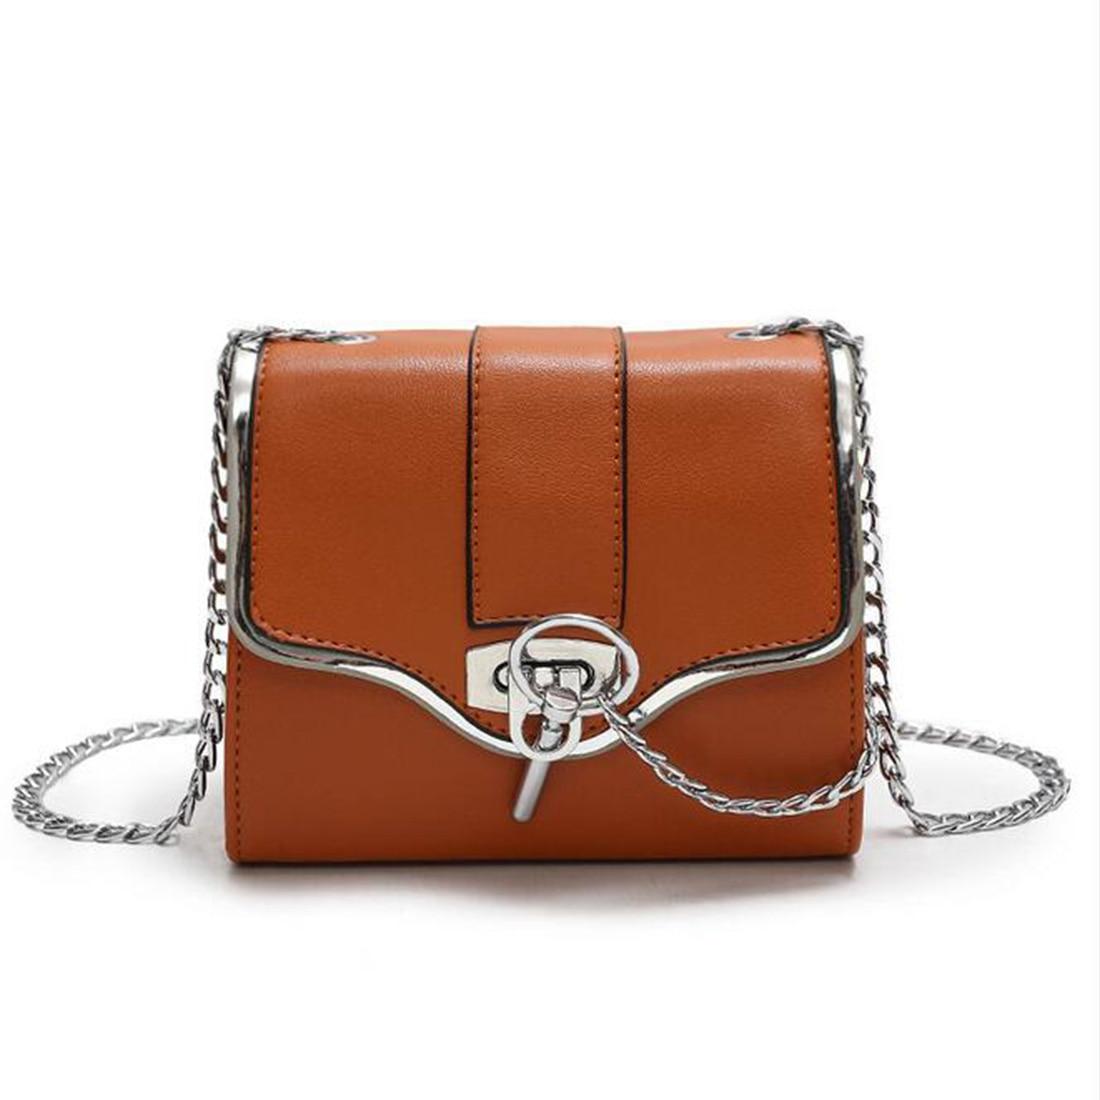 YEJIA FASHION Chain Strap Women Messenger Bag Korean Style Metal Lock Flap Women